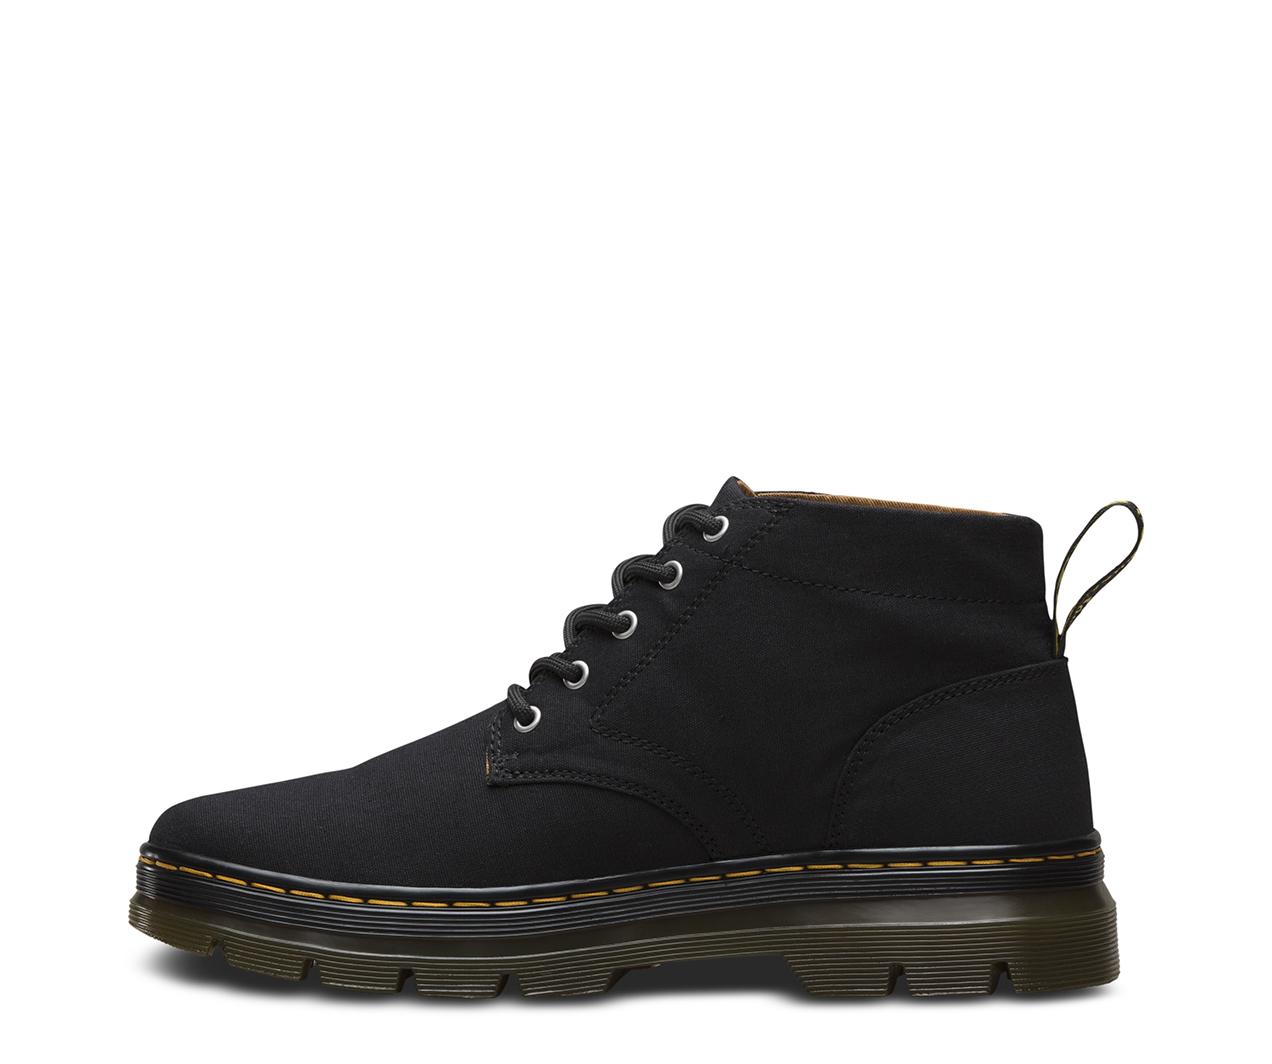 eb498bd86fc BONNY CANVAS | Women's Boots & Shoes | Canada